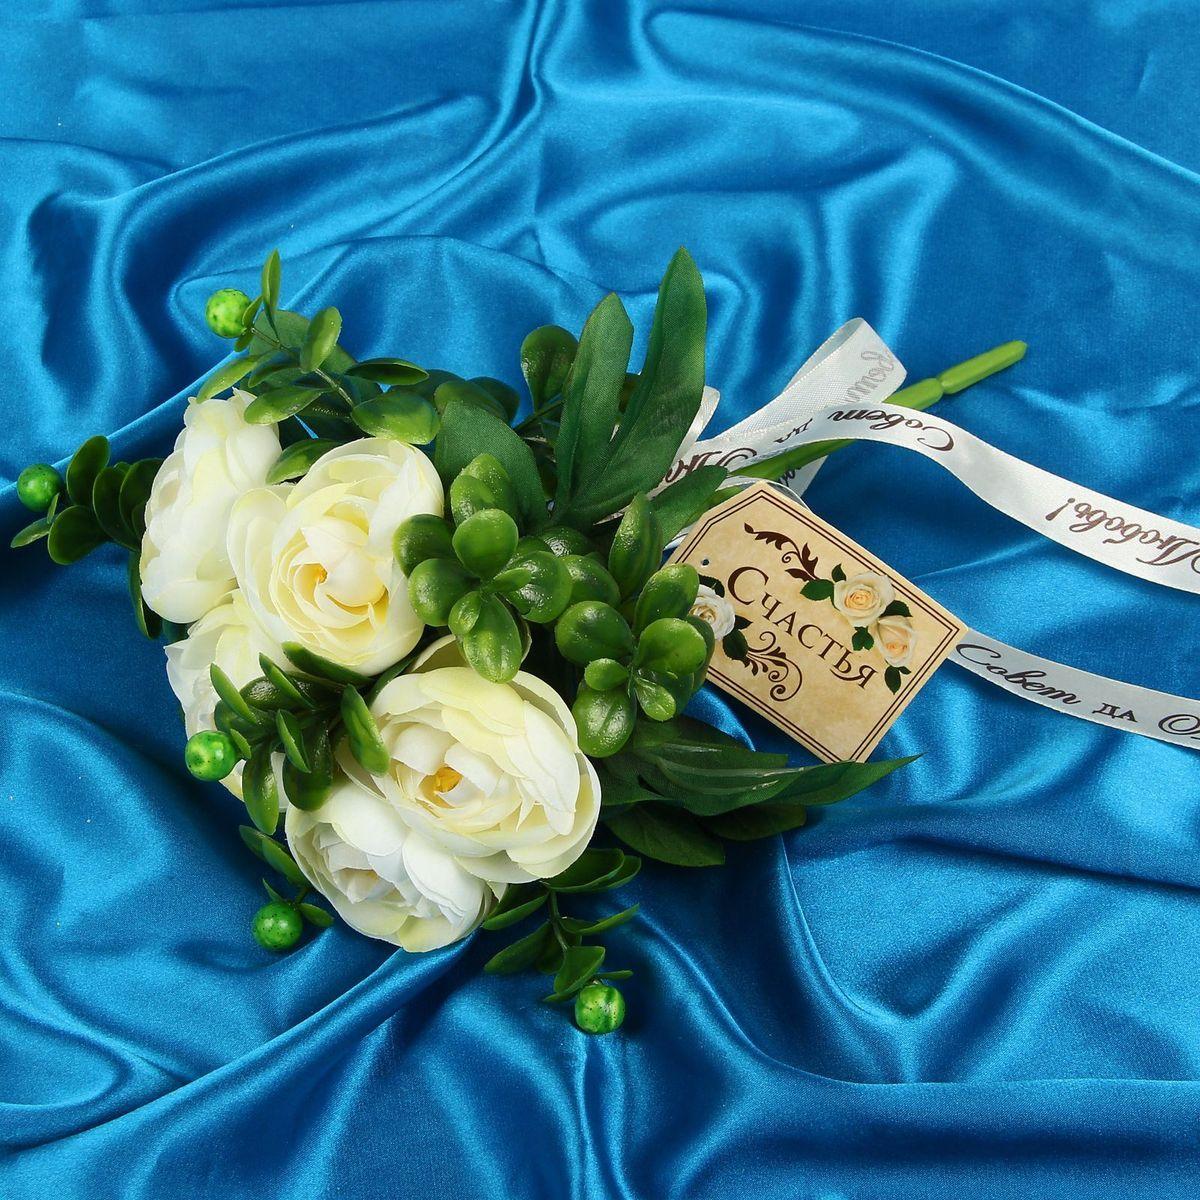 Букет-дублер Sima-land Загадка, цвет: белый, зеленый1212628Свадьба — одно из главных событий в жизни человека. В такой день всё должно быть безупречно, особенно букет невесты. Но кидать, по старой традиции, цветочную композицию подругам не всегда удобно, и на помощь приходит букет-дублер Загадка чайные розы — красивый и яркий аксессуар. Стебли оформлены лентой с надписью Совет да любовь. Букет дополнен шильдом с тёплым пожеланием. После торжества он украсит любой интерьер, ведь нежные цветы из текстиля не завянут и не помнутся.